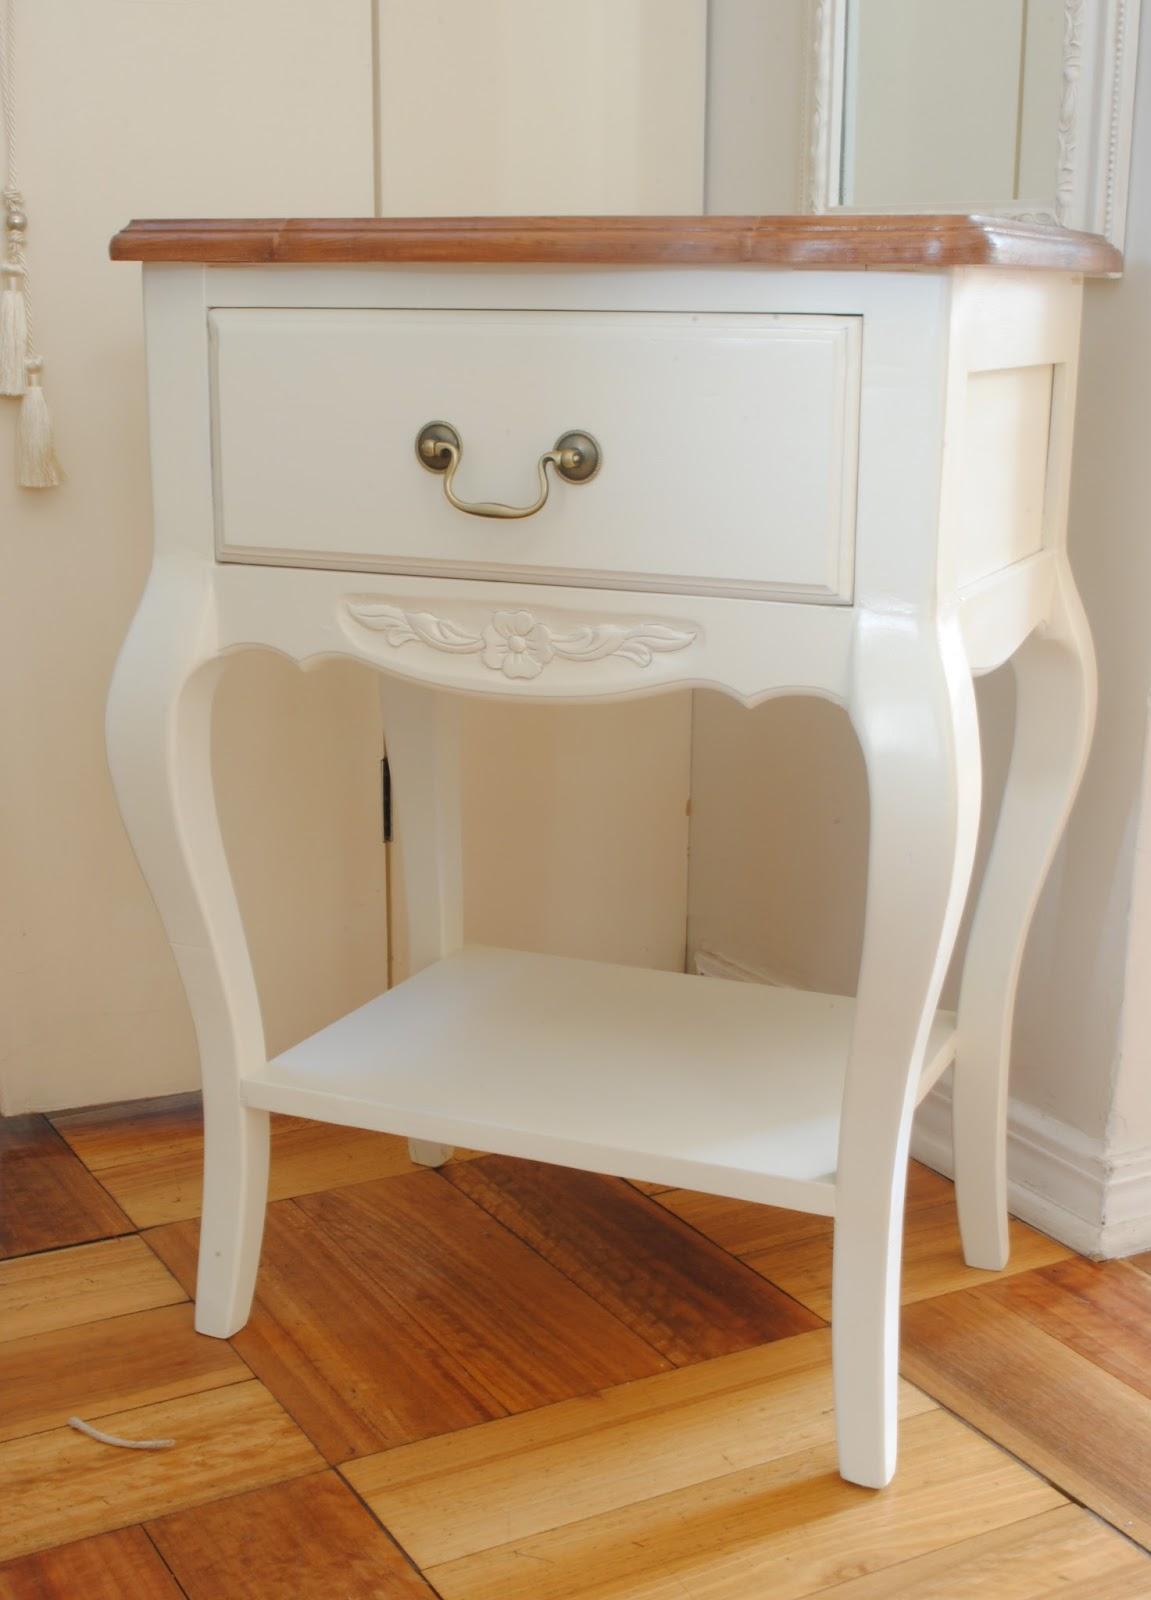 muebles fabricacin a medida de muebles antiguos tapicera calidad garantizada en maderas nobles